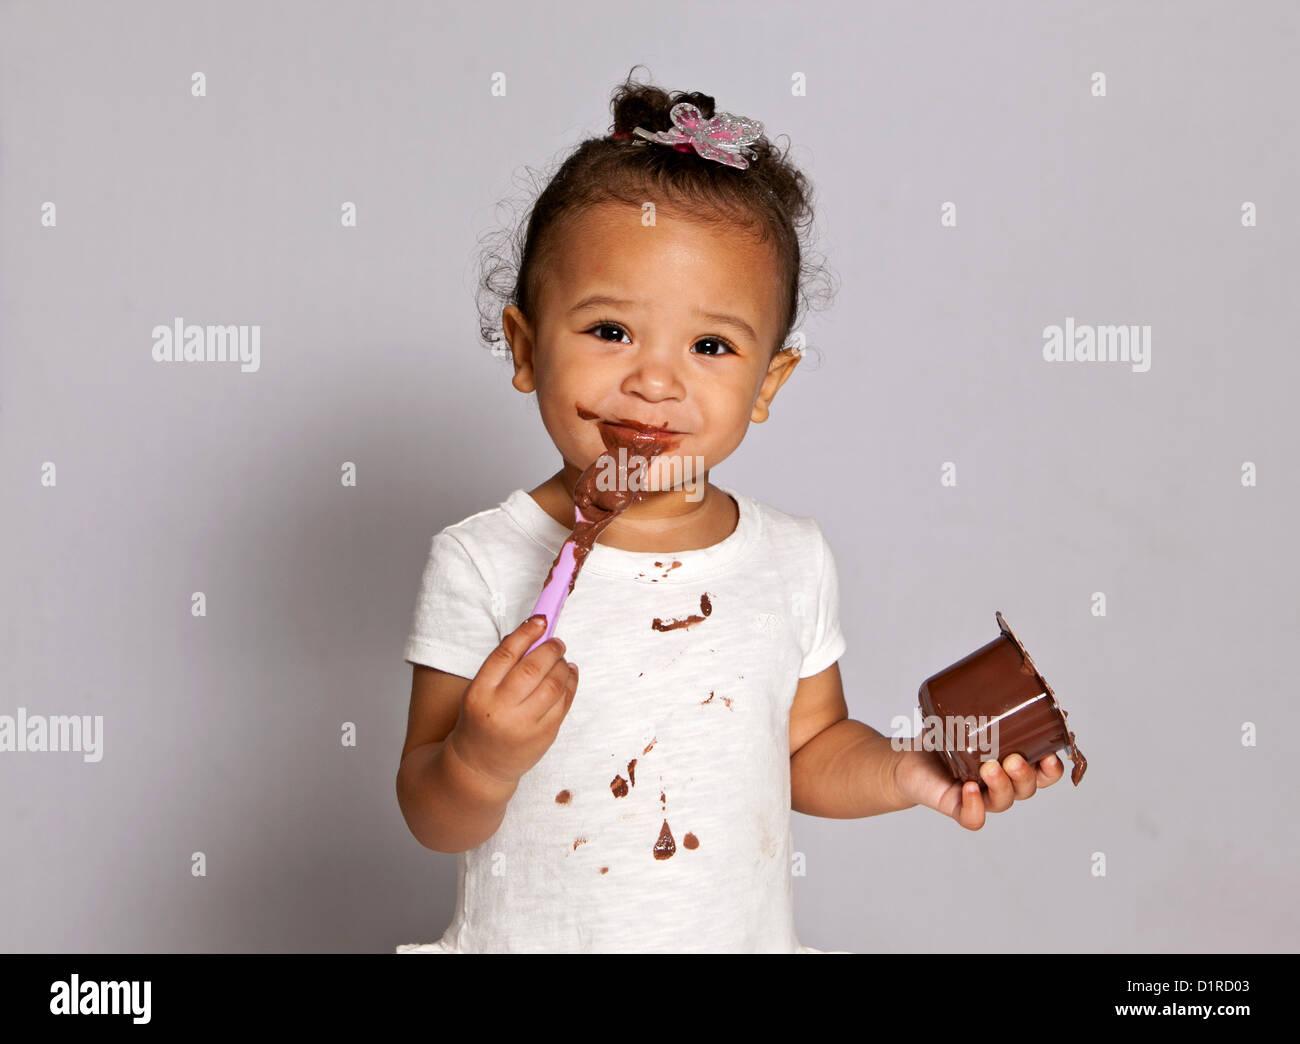 Carino bambina, bimbo, facendo un pasticcio di mangiare una cioccolata deserto. Immagini Stock